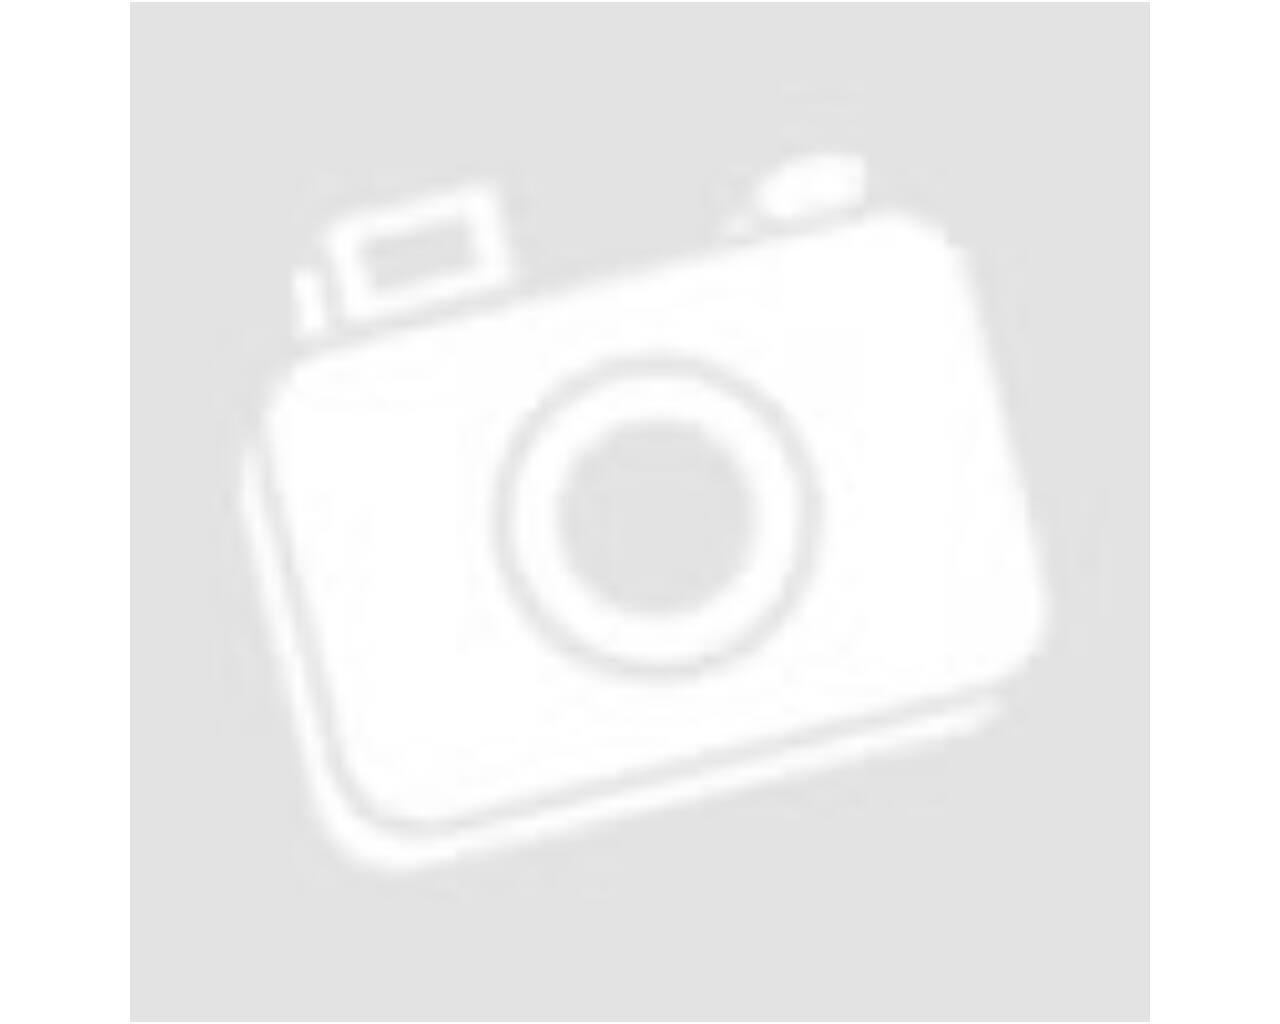 Tányér csöpögtető + műanyag tálca, Tekno 47 x 32 x 10 cm